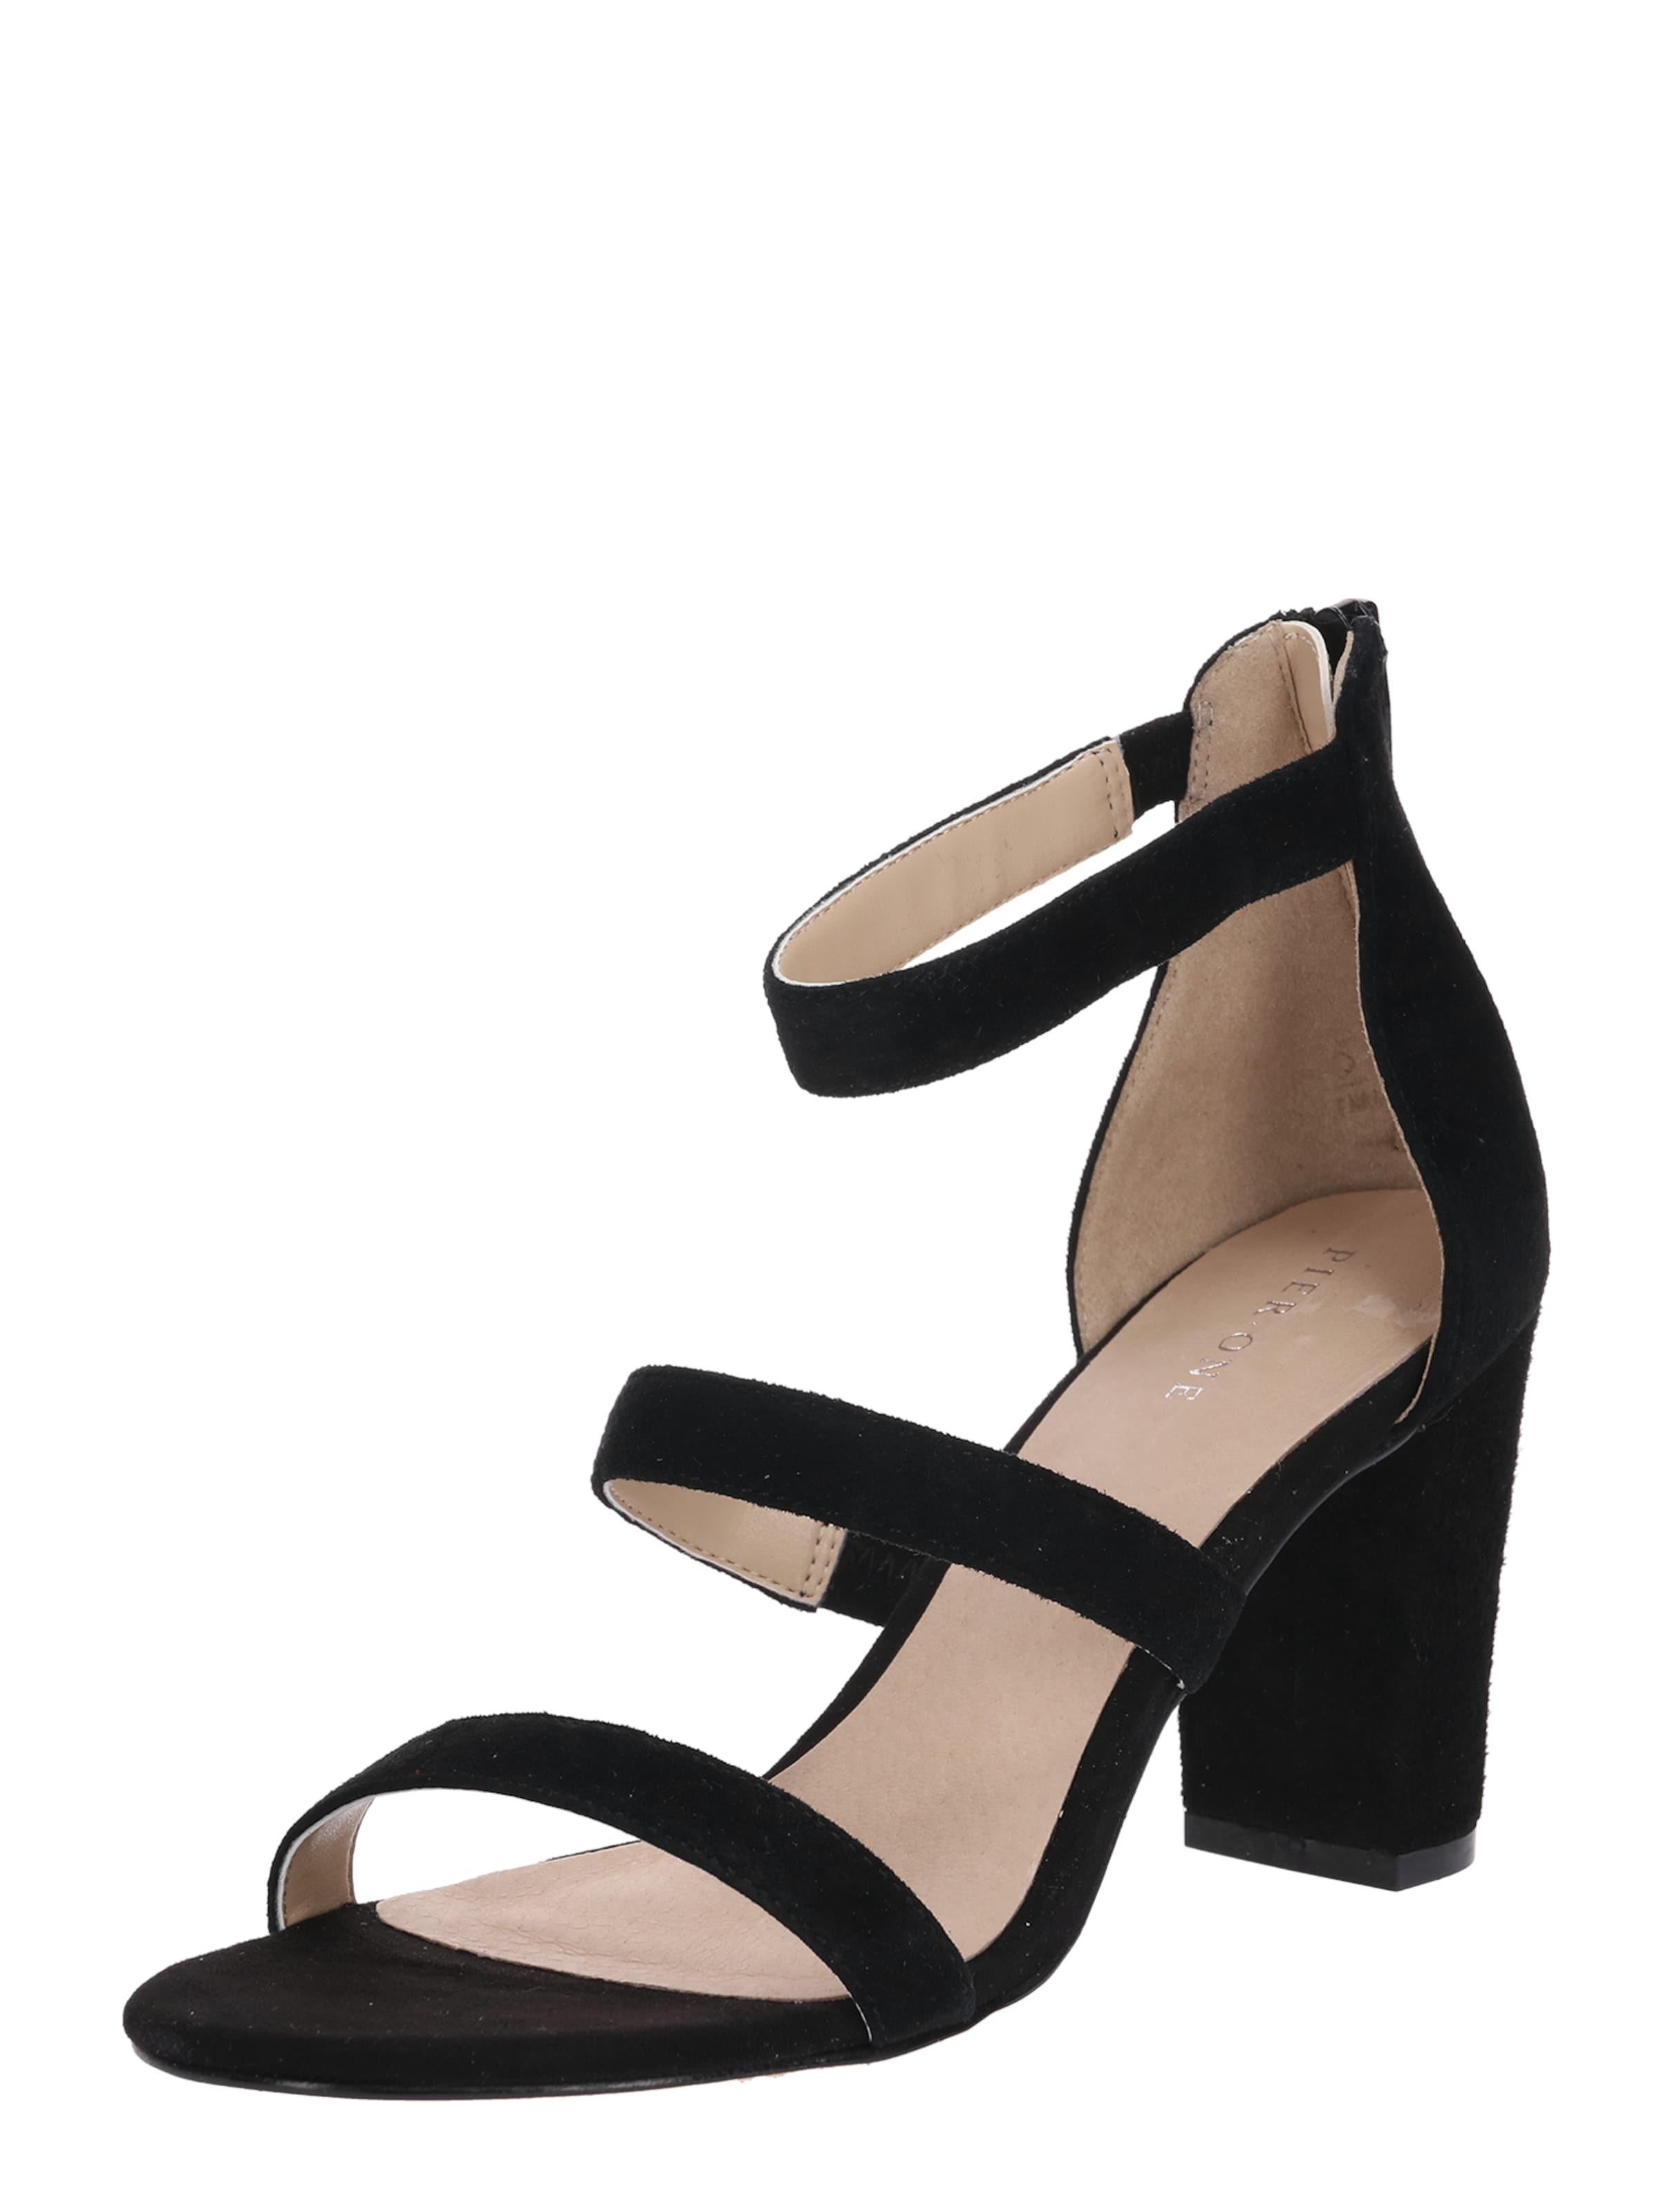 Pier One Sandalette Günstige und langlebige Schuhe